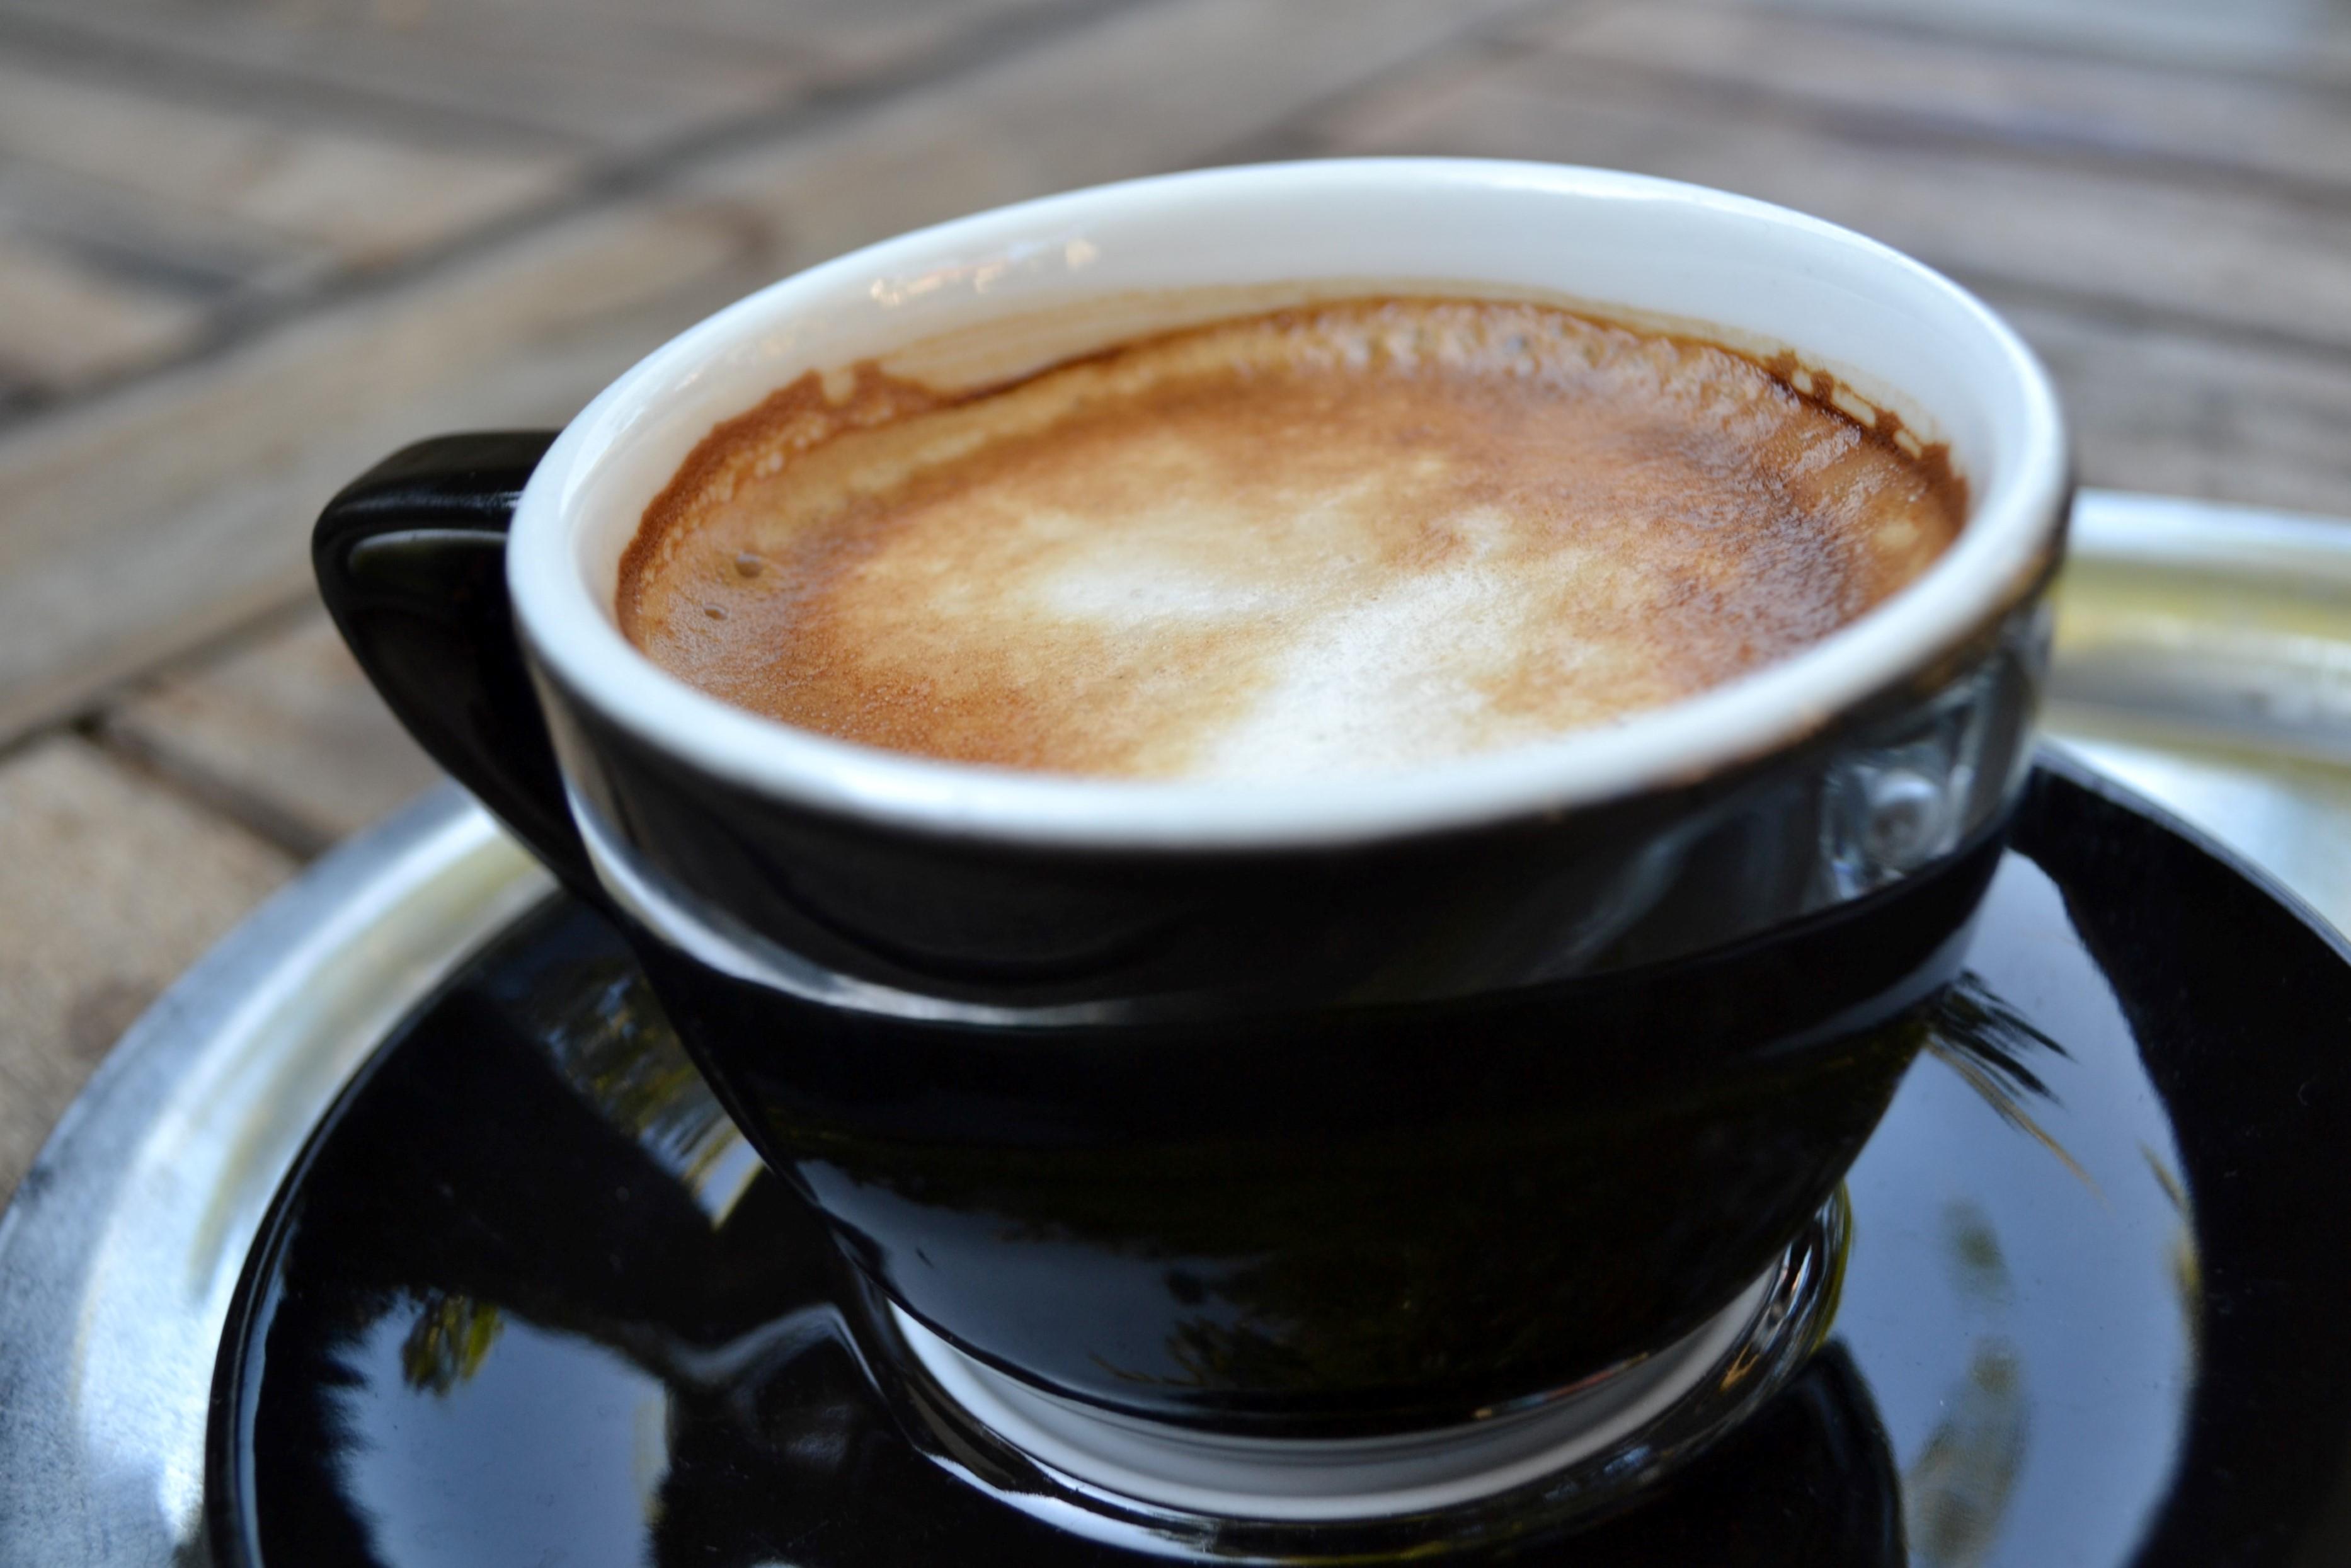 Koffie drinken goed tegen depressies